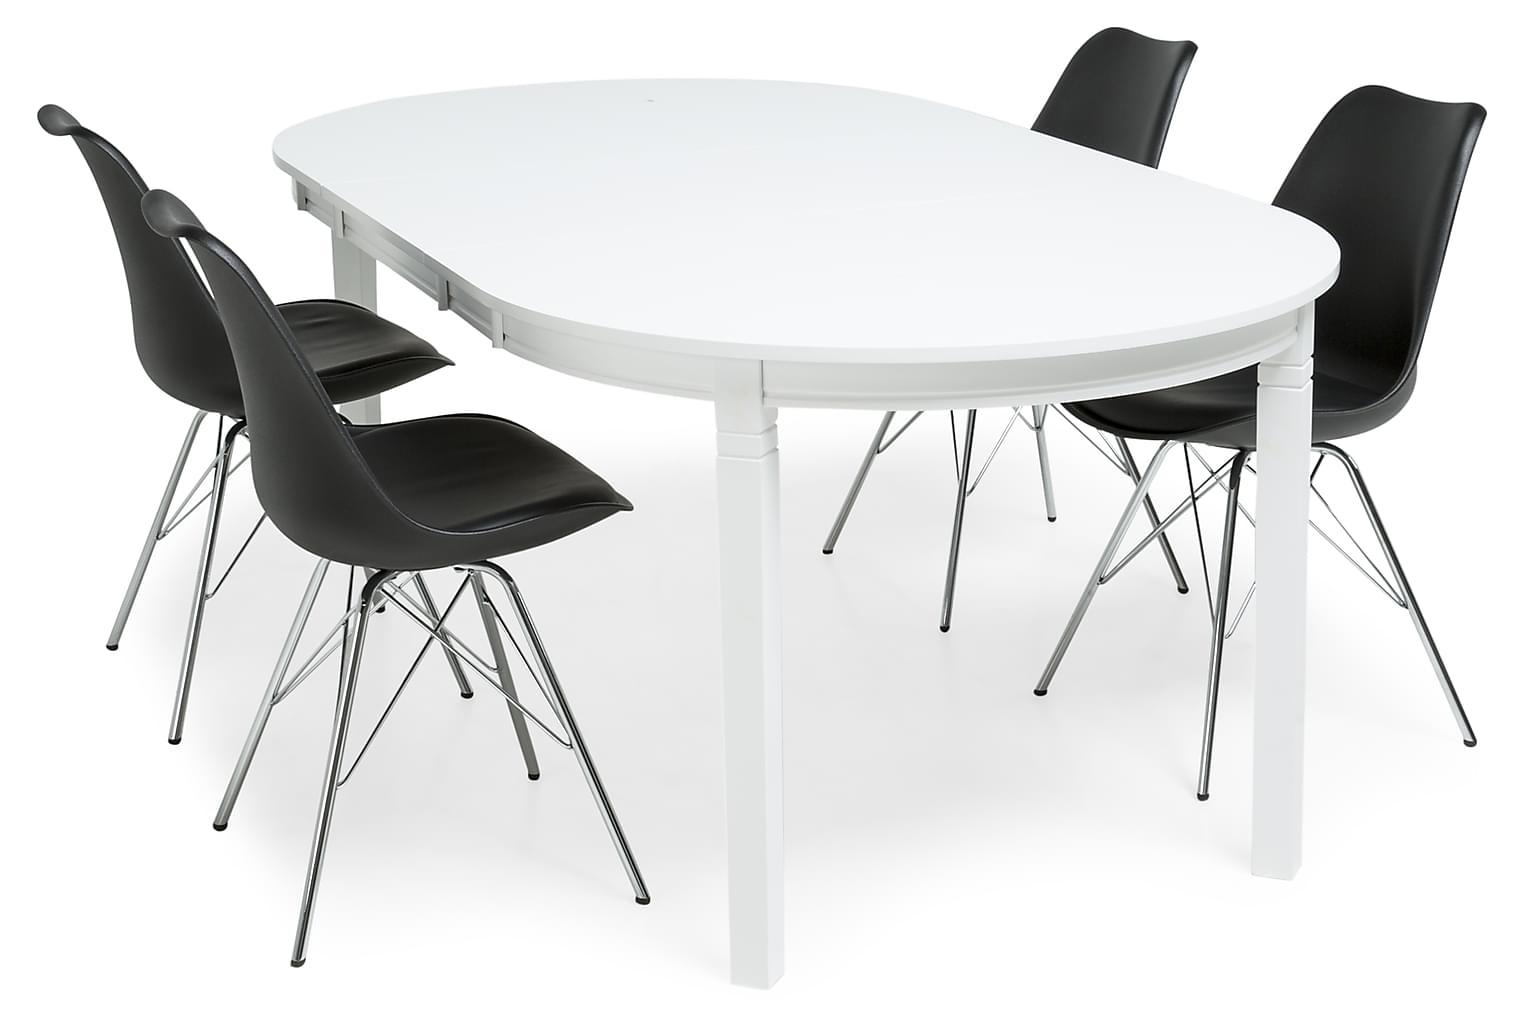 LEVIDE Pöytä 150/195 Valkoinen + 4 ZENIT Tuolia Musta